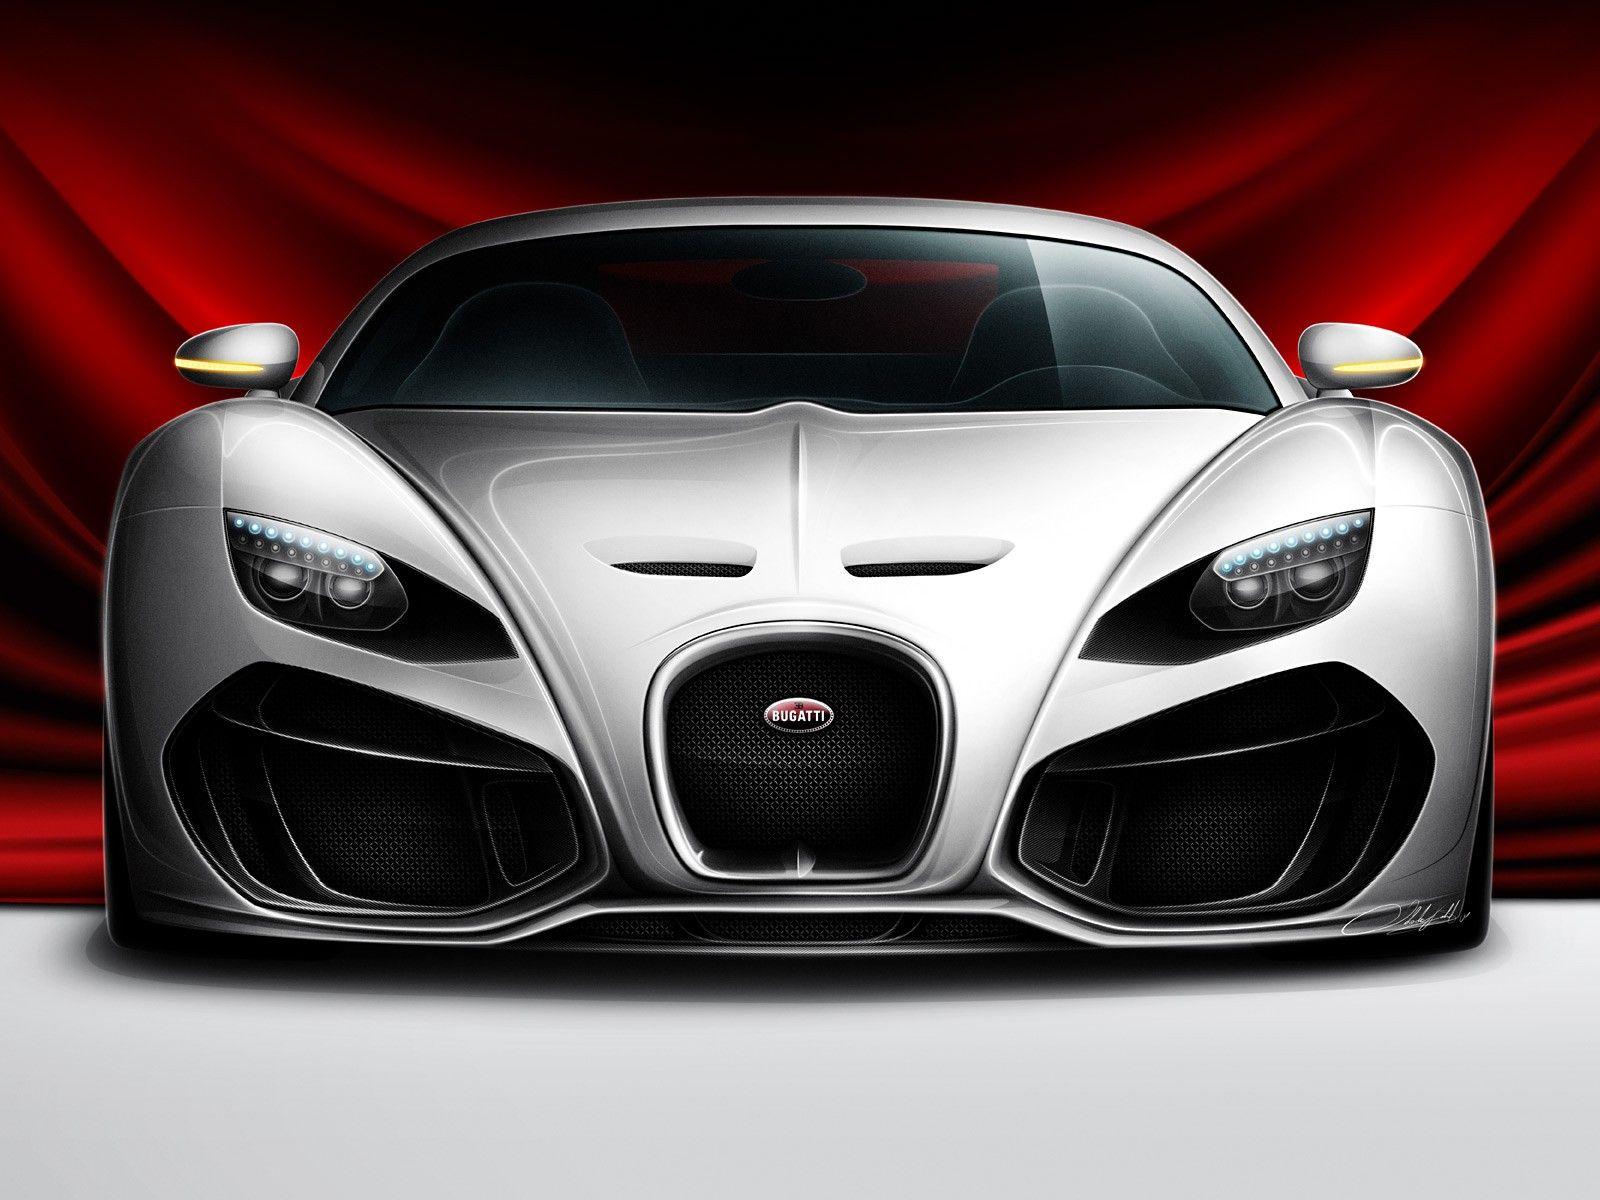 Bugatti Venom Concept Car Hd Wall Bugatti Venom Bugatti Veyron